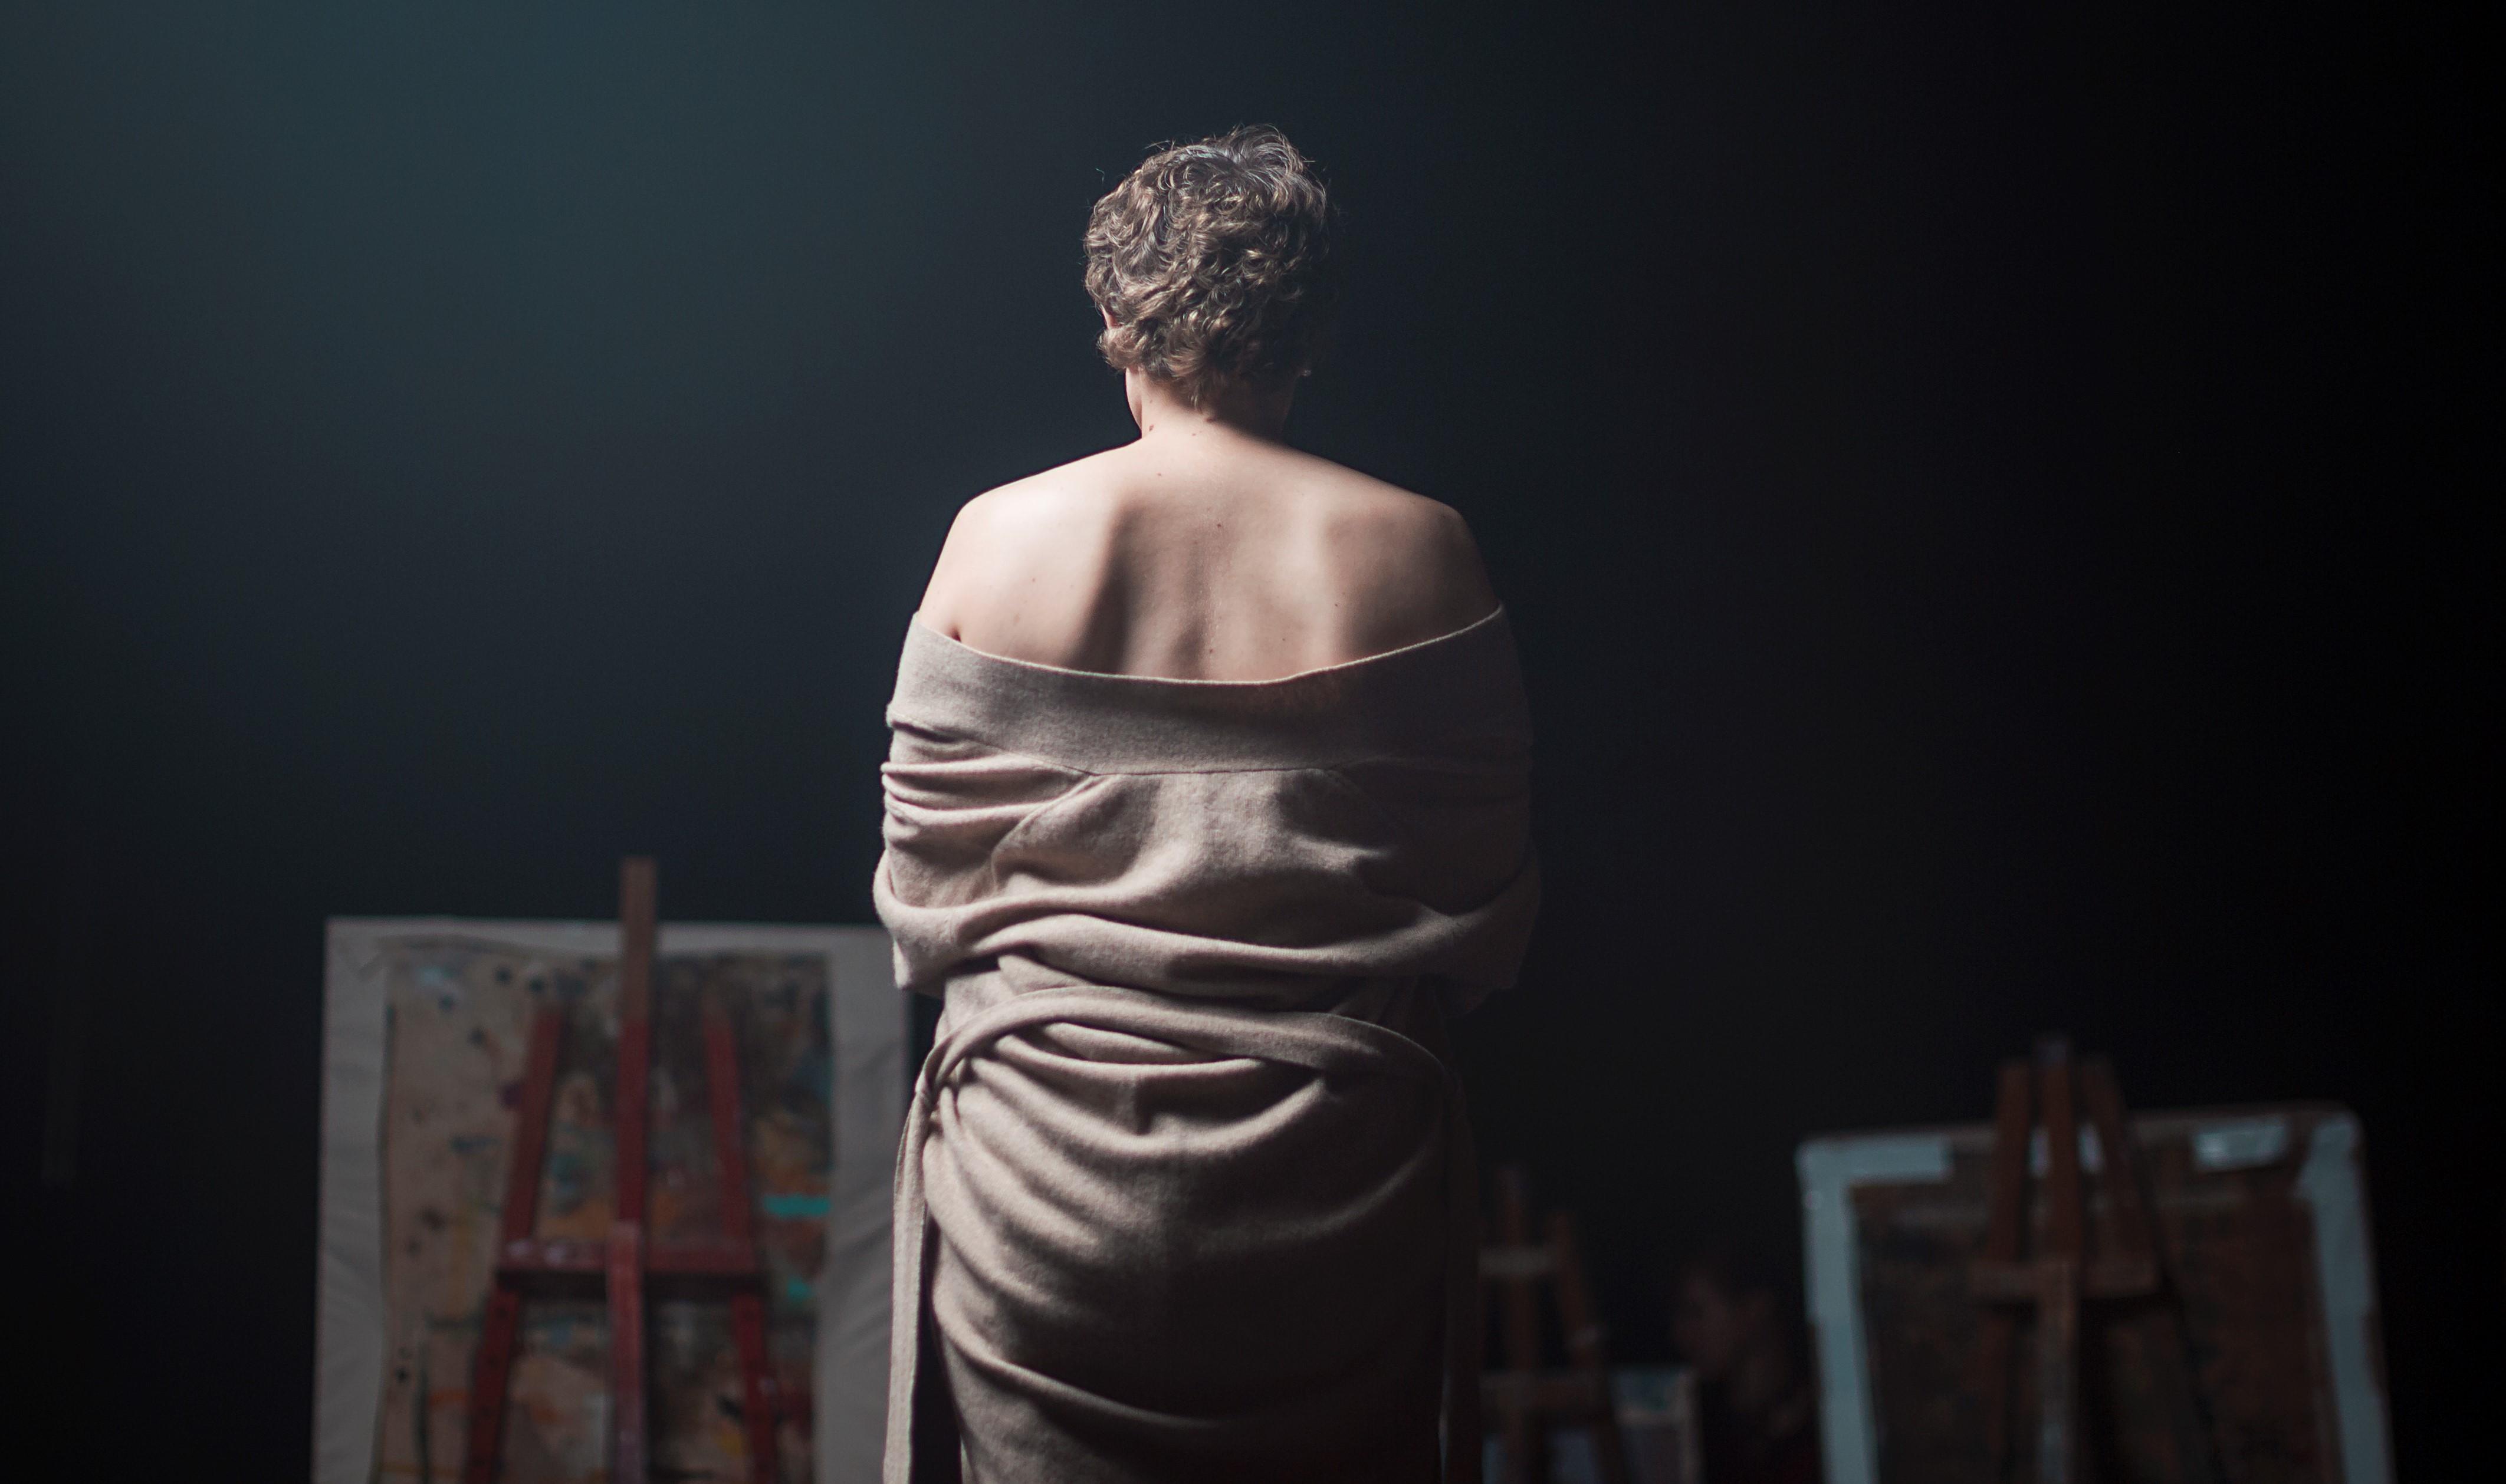 Mitä rintasyöpäleikkaus tekee minäkuvalle? Ihana Nainen -näyttelyn teokset tutkivat ihmisen kokonaisvaltaista kauneutta